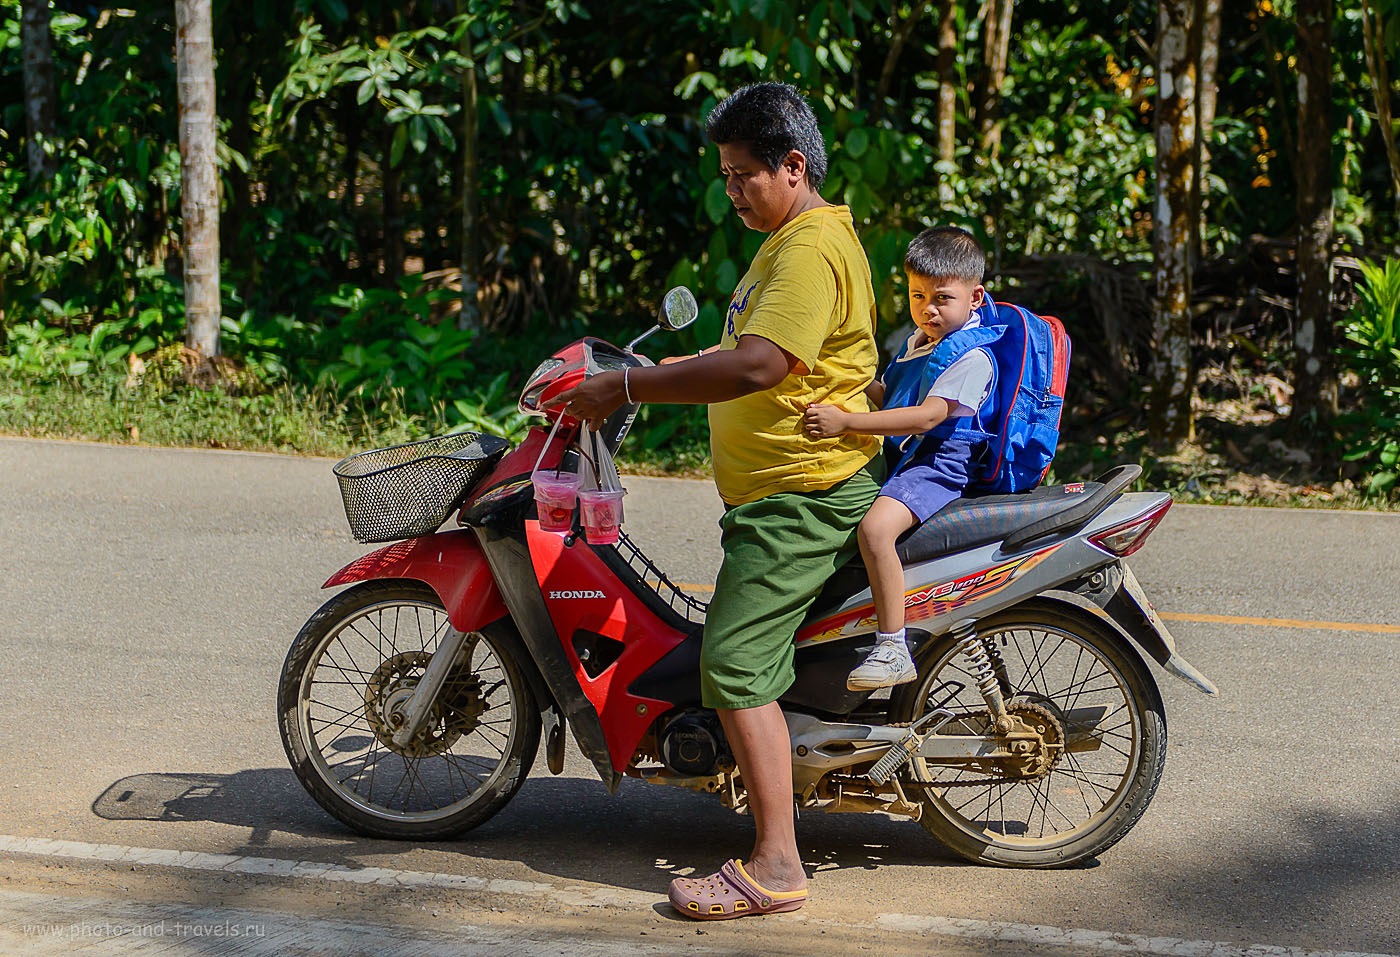 Фотография 6. Местные жители. Путешествие по Таиланду дикарями. Поездка в Ранонг (250, 56, 2.8, 1/2000)